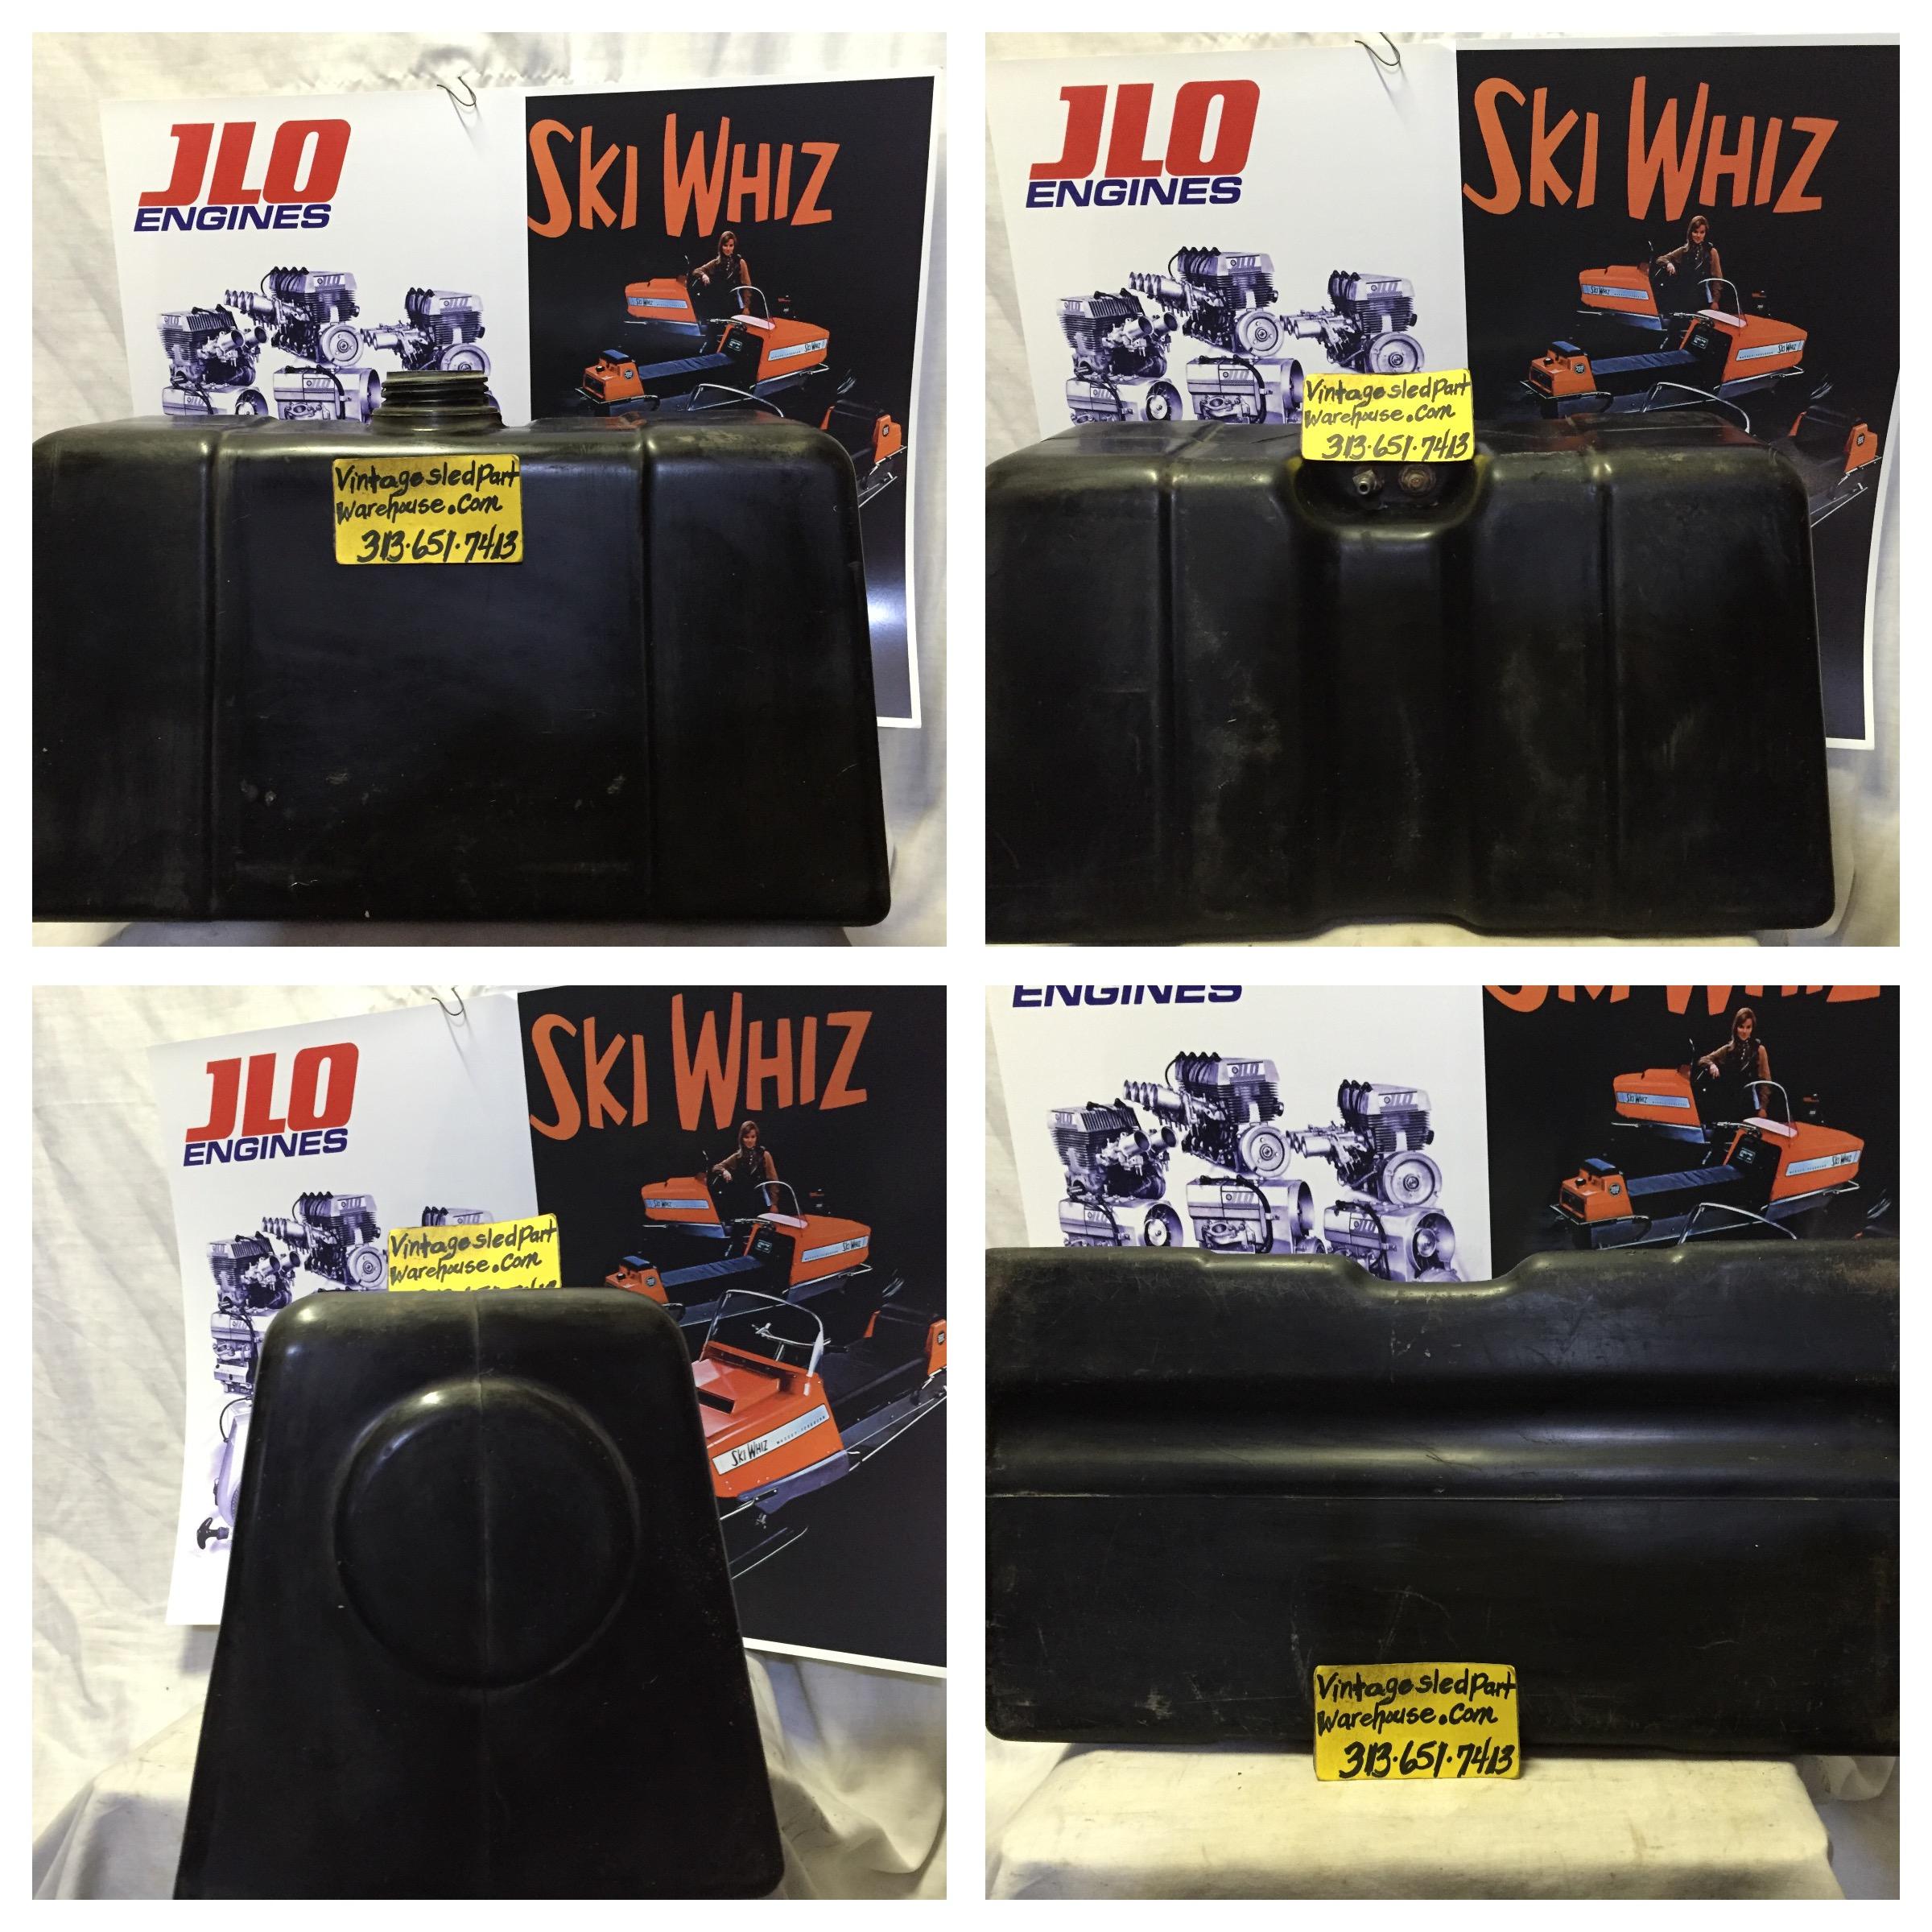 Ski whiz snowmobiles for sale - View Full Size